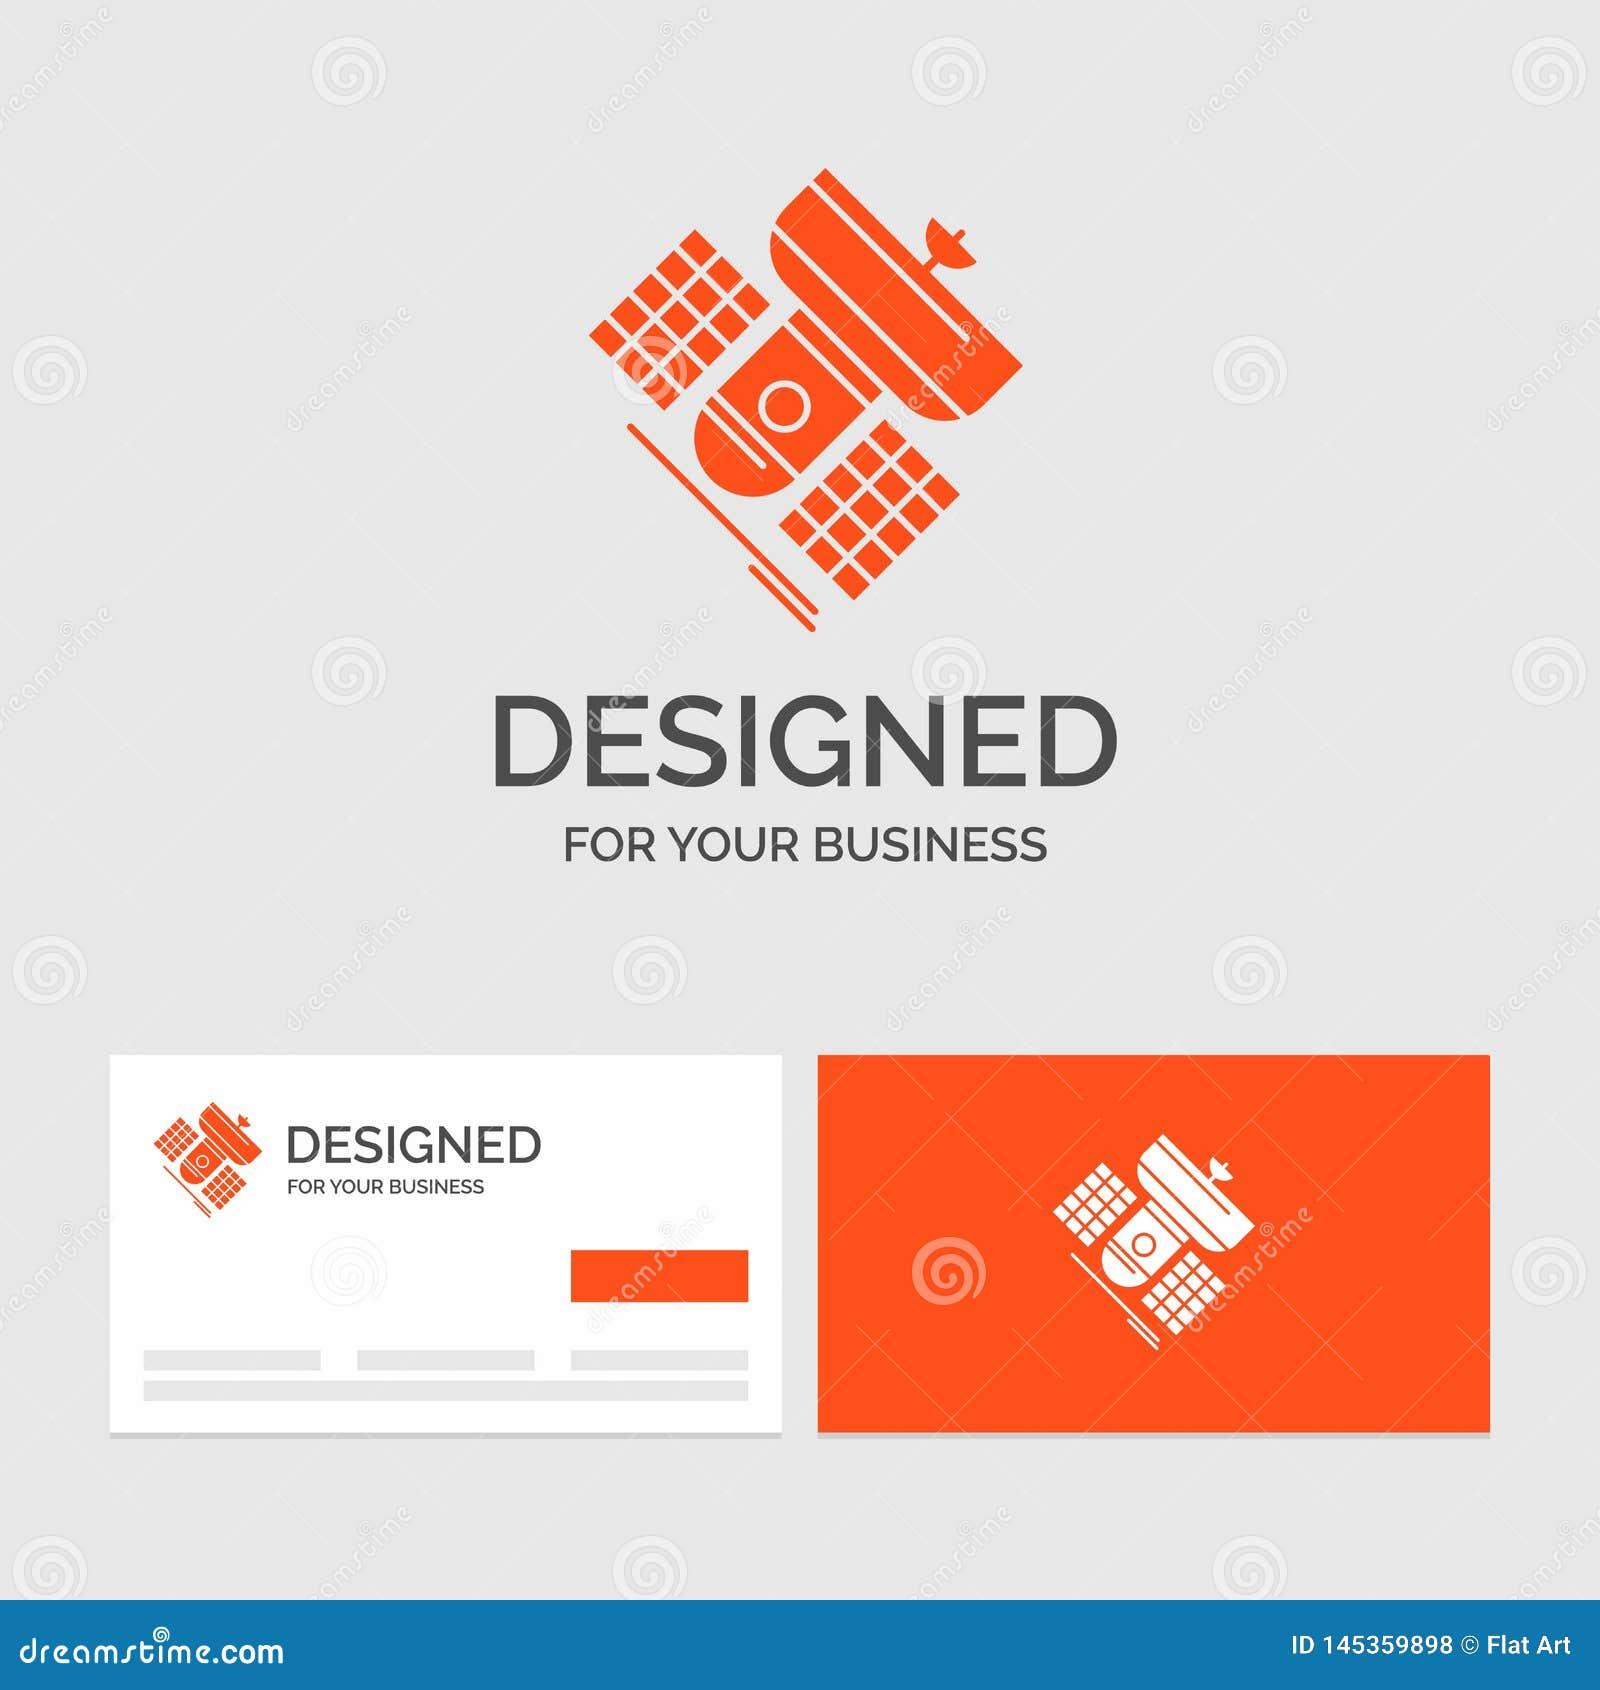 Bedrijfsembleemmalplaatje voor Uitzending, het uitzenden, mededeling, satelliet, telecommunicatie Oranje Visitekaartjes met Merk